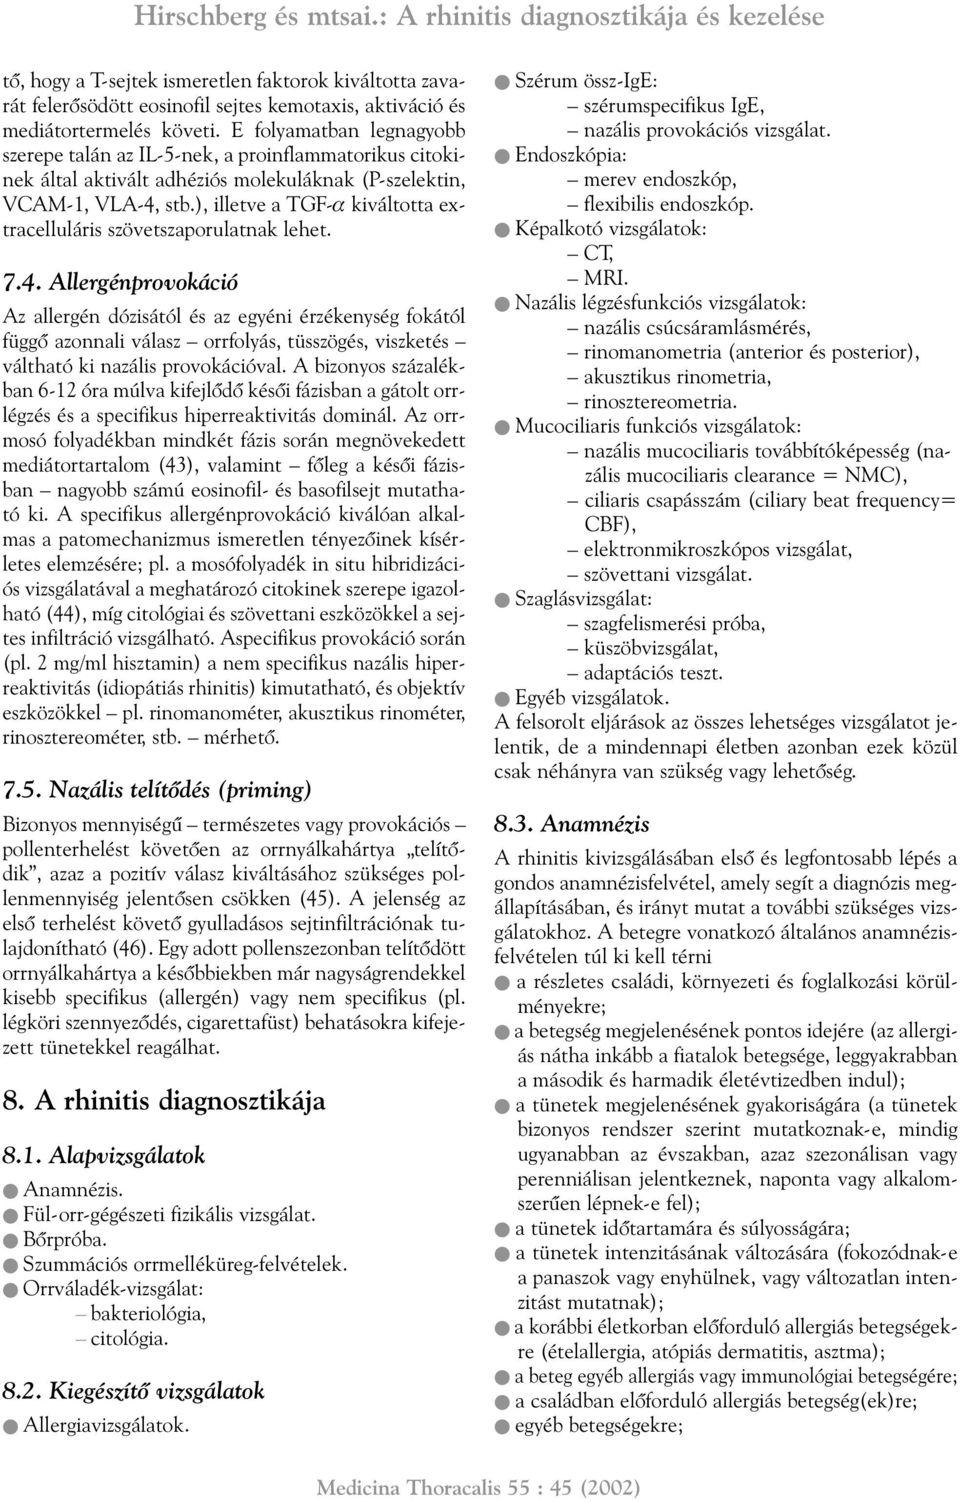 Kerekféreg kezelési rendje. Epevezeték dyskinesia - tünetek és kezelés - Termékek